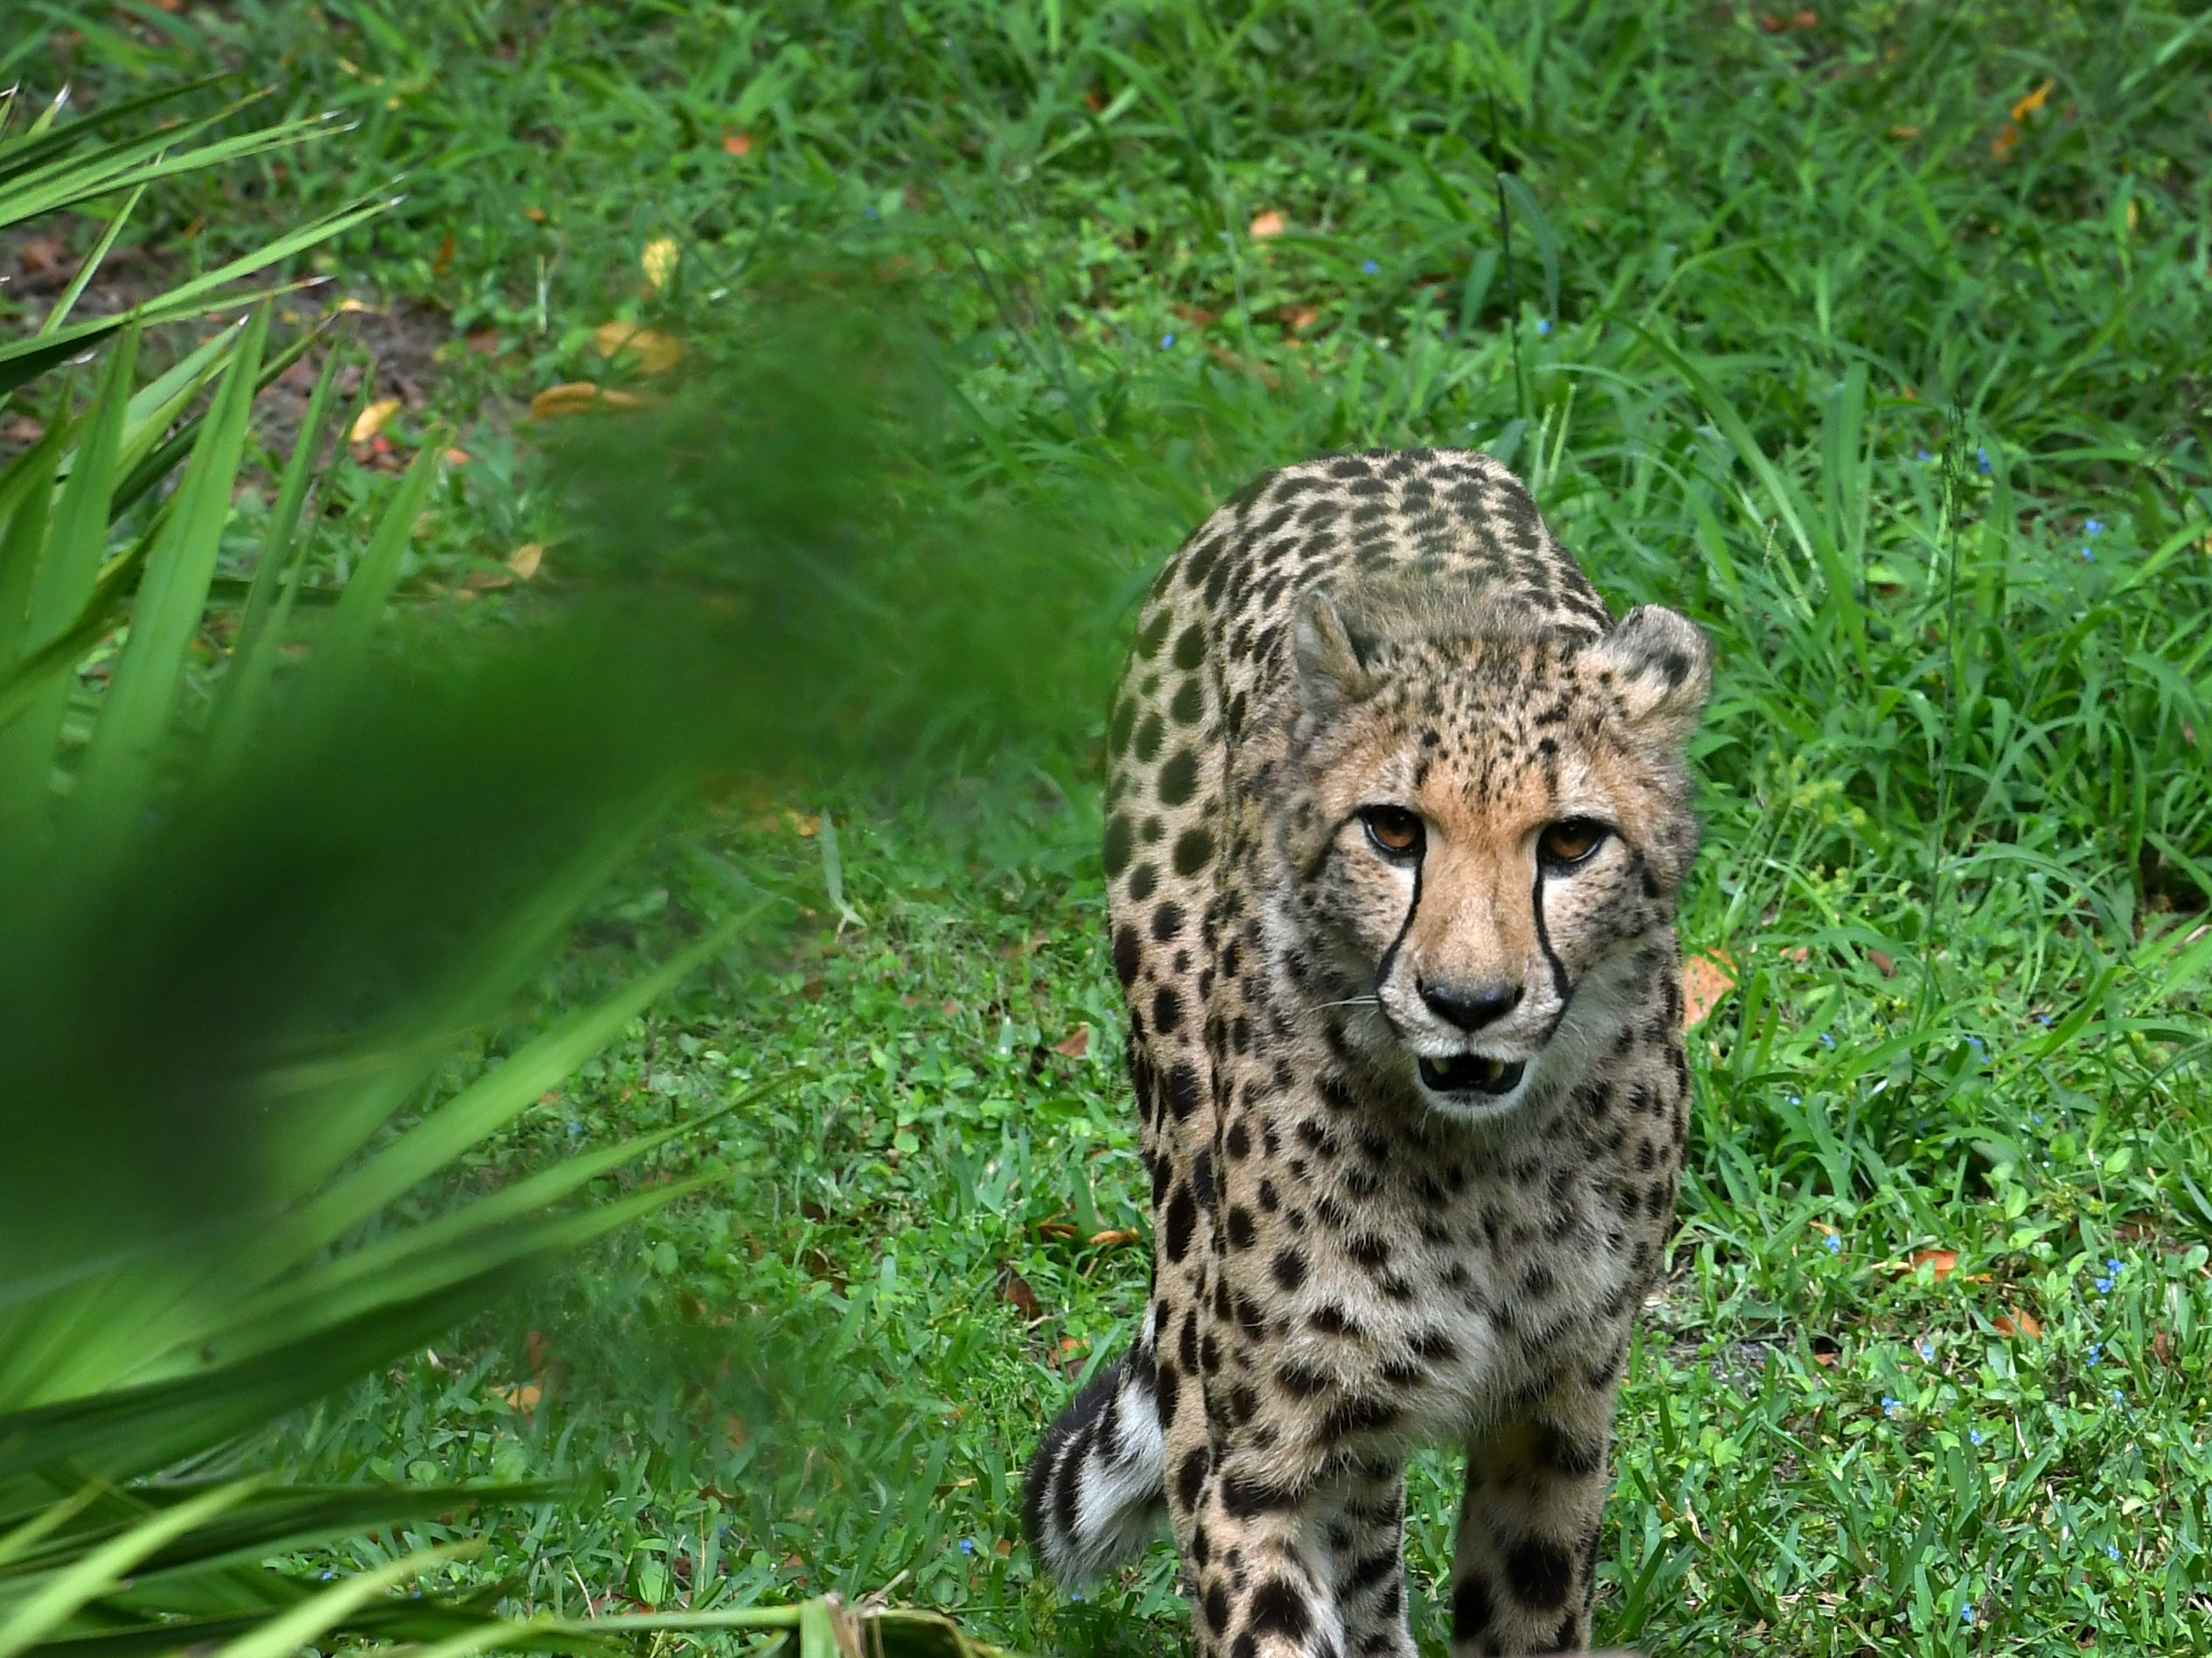 A cheetah at the Brevard Zoo in Viera.